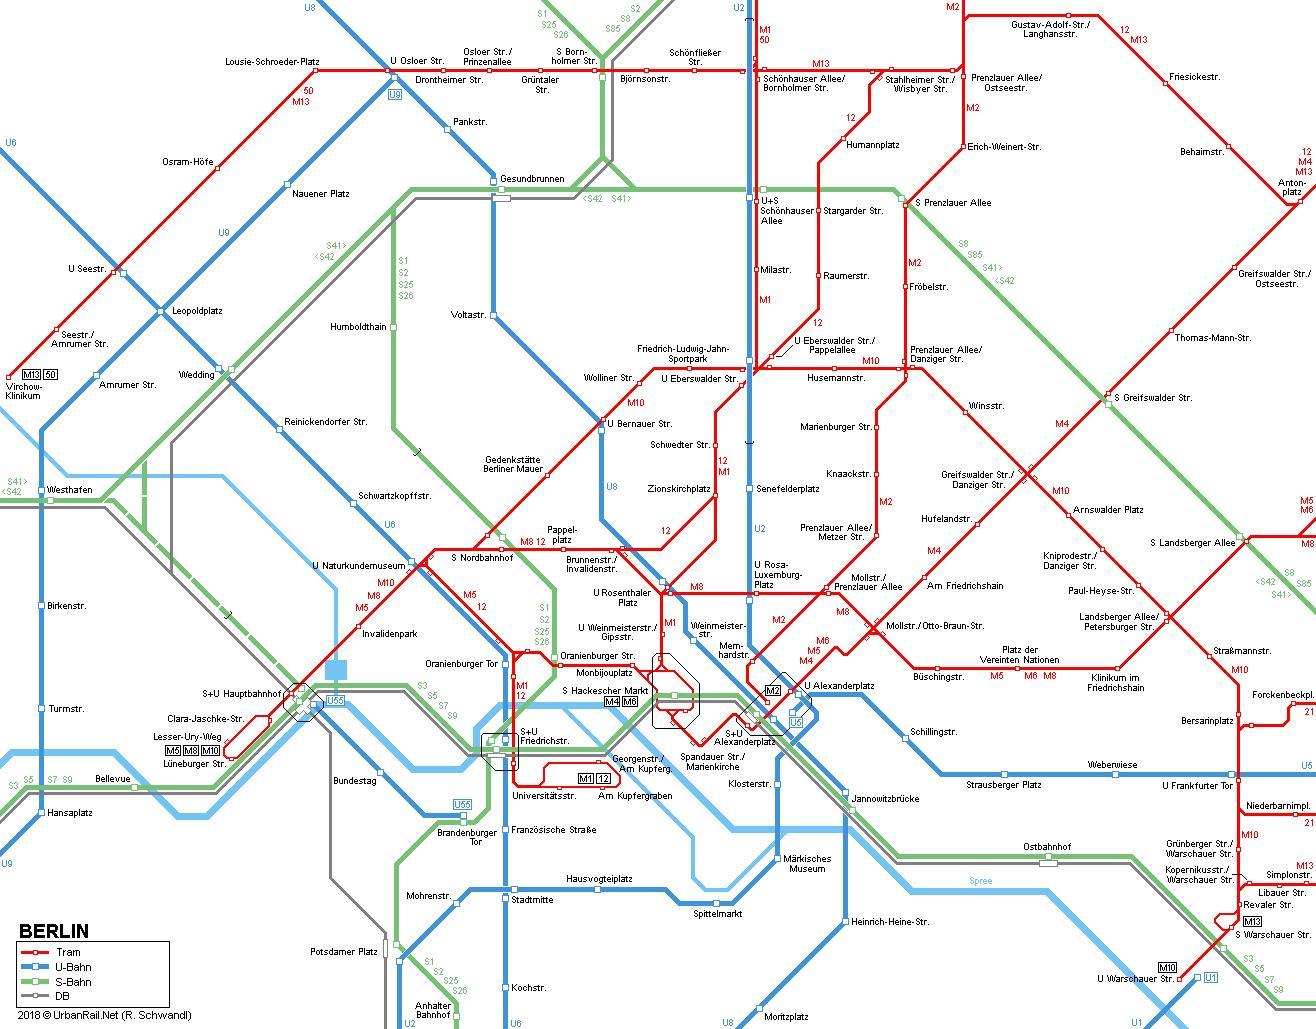 trikk kart Berlin trikk kart app   Berlin tog kart app (Tyskland) trikk kart